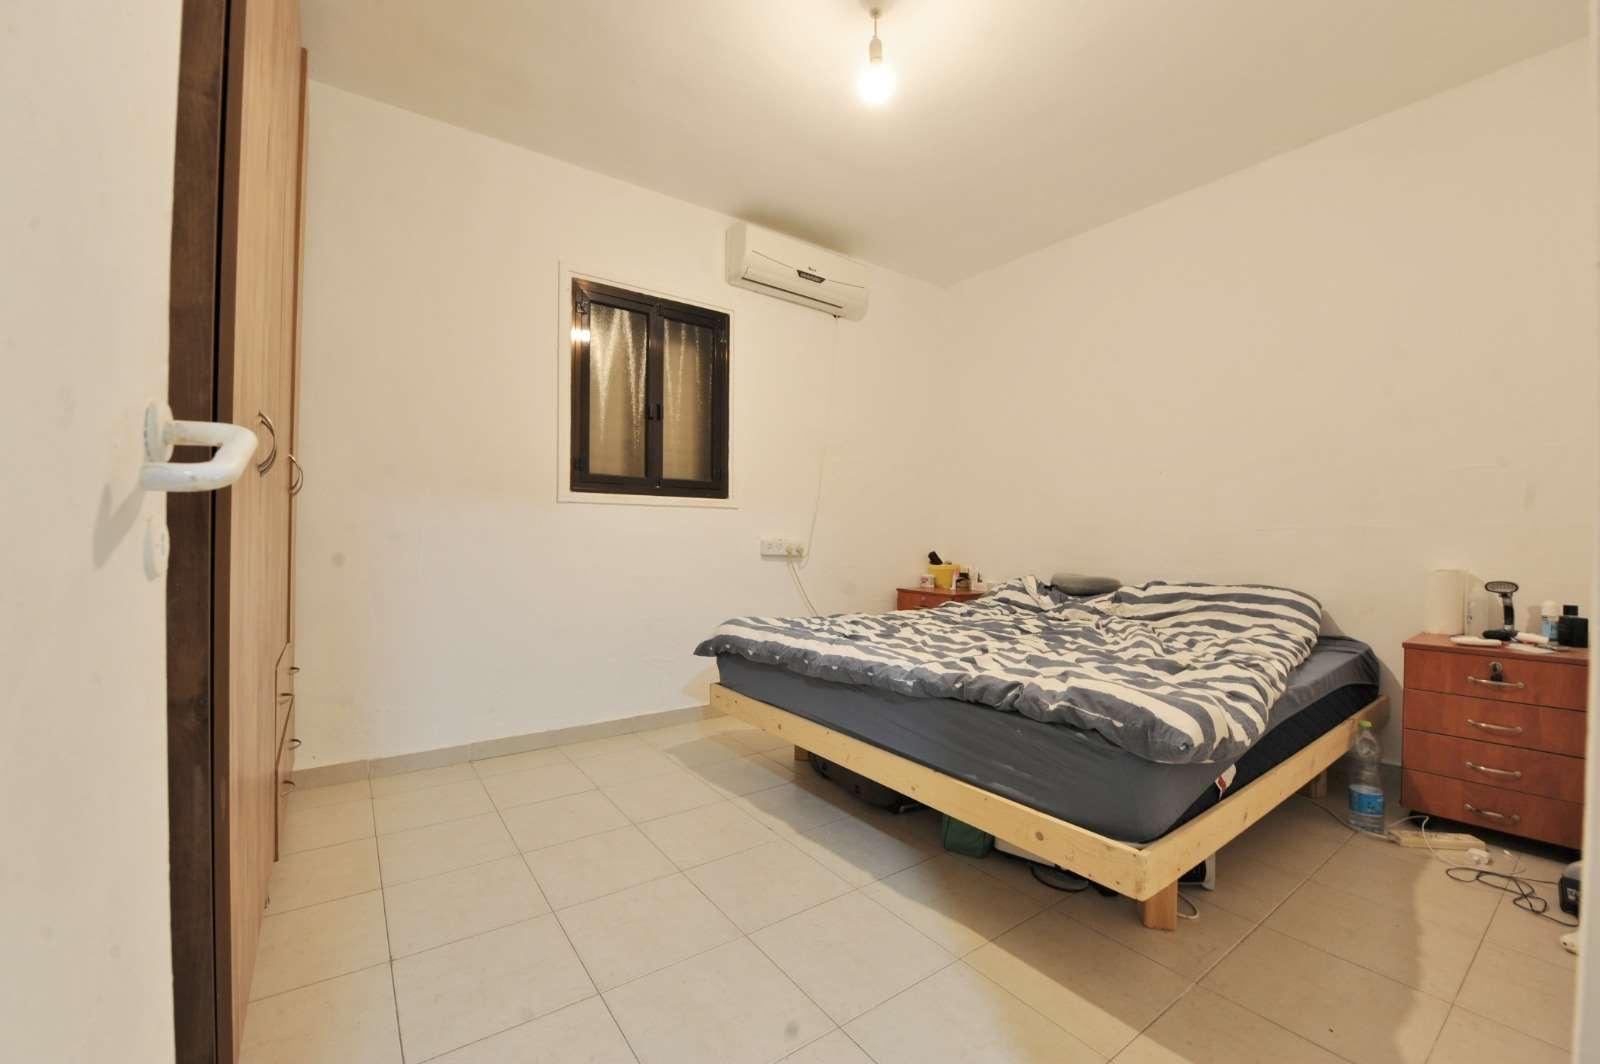 דירה להשכרה 2 חדרים באור יהודה  עמידר